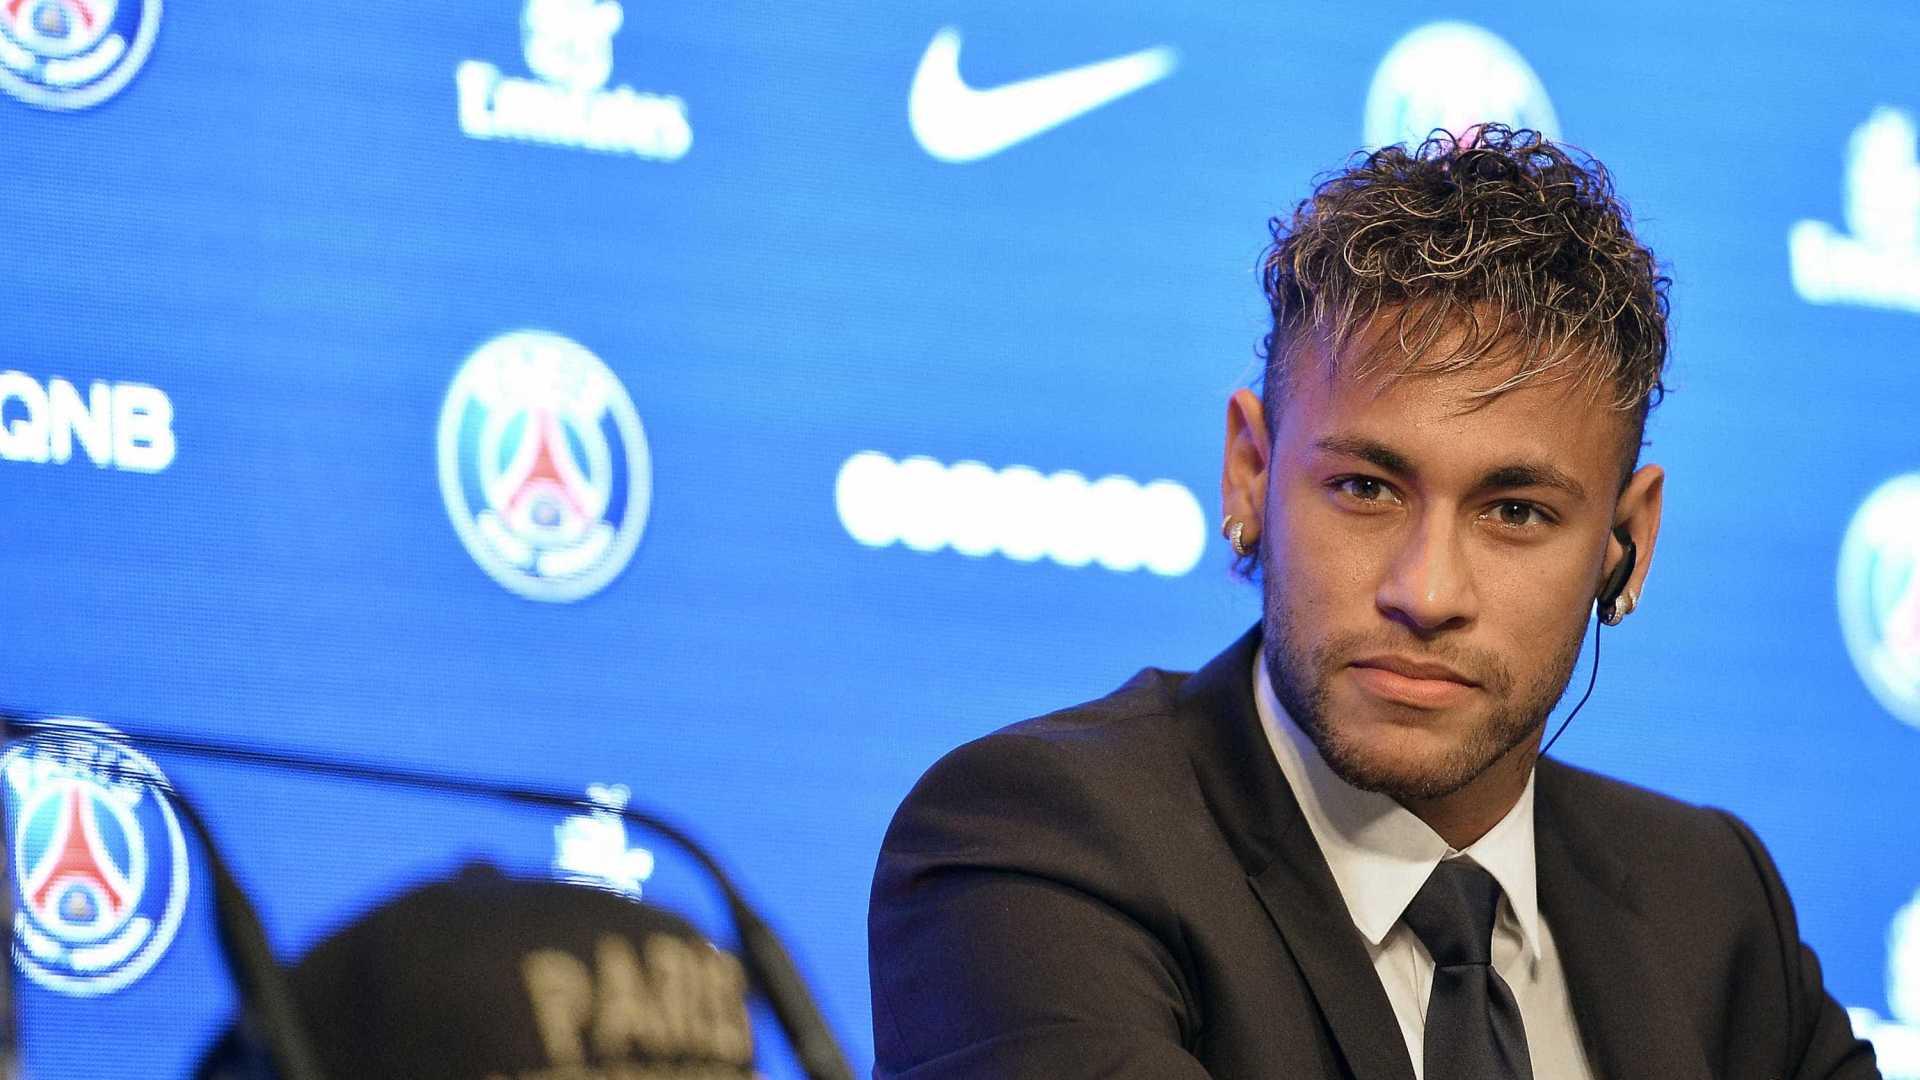 naom 5984fb7c7421a 1 - VEJA VÍDEO: Neymar desabafa e admite que ainda ama Bruna Marquezine